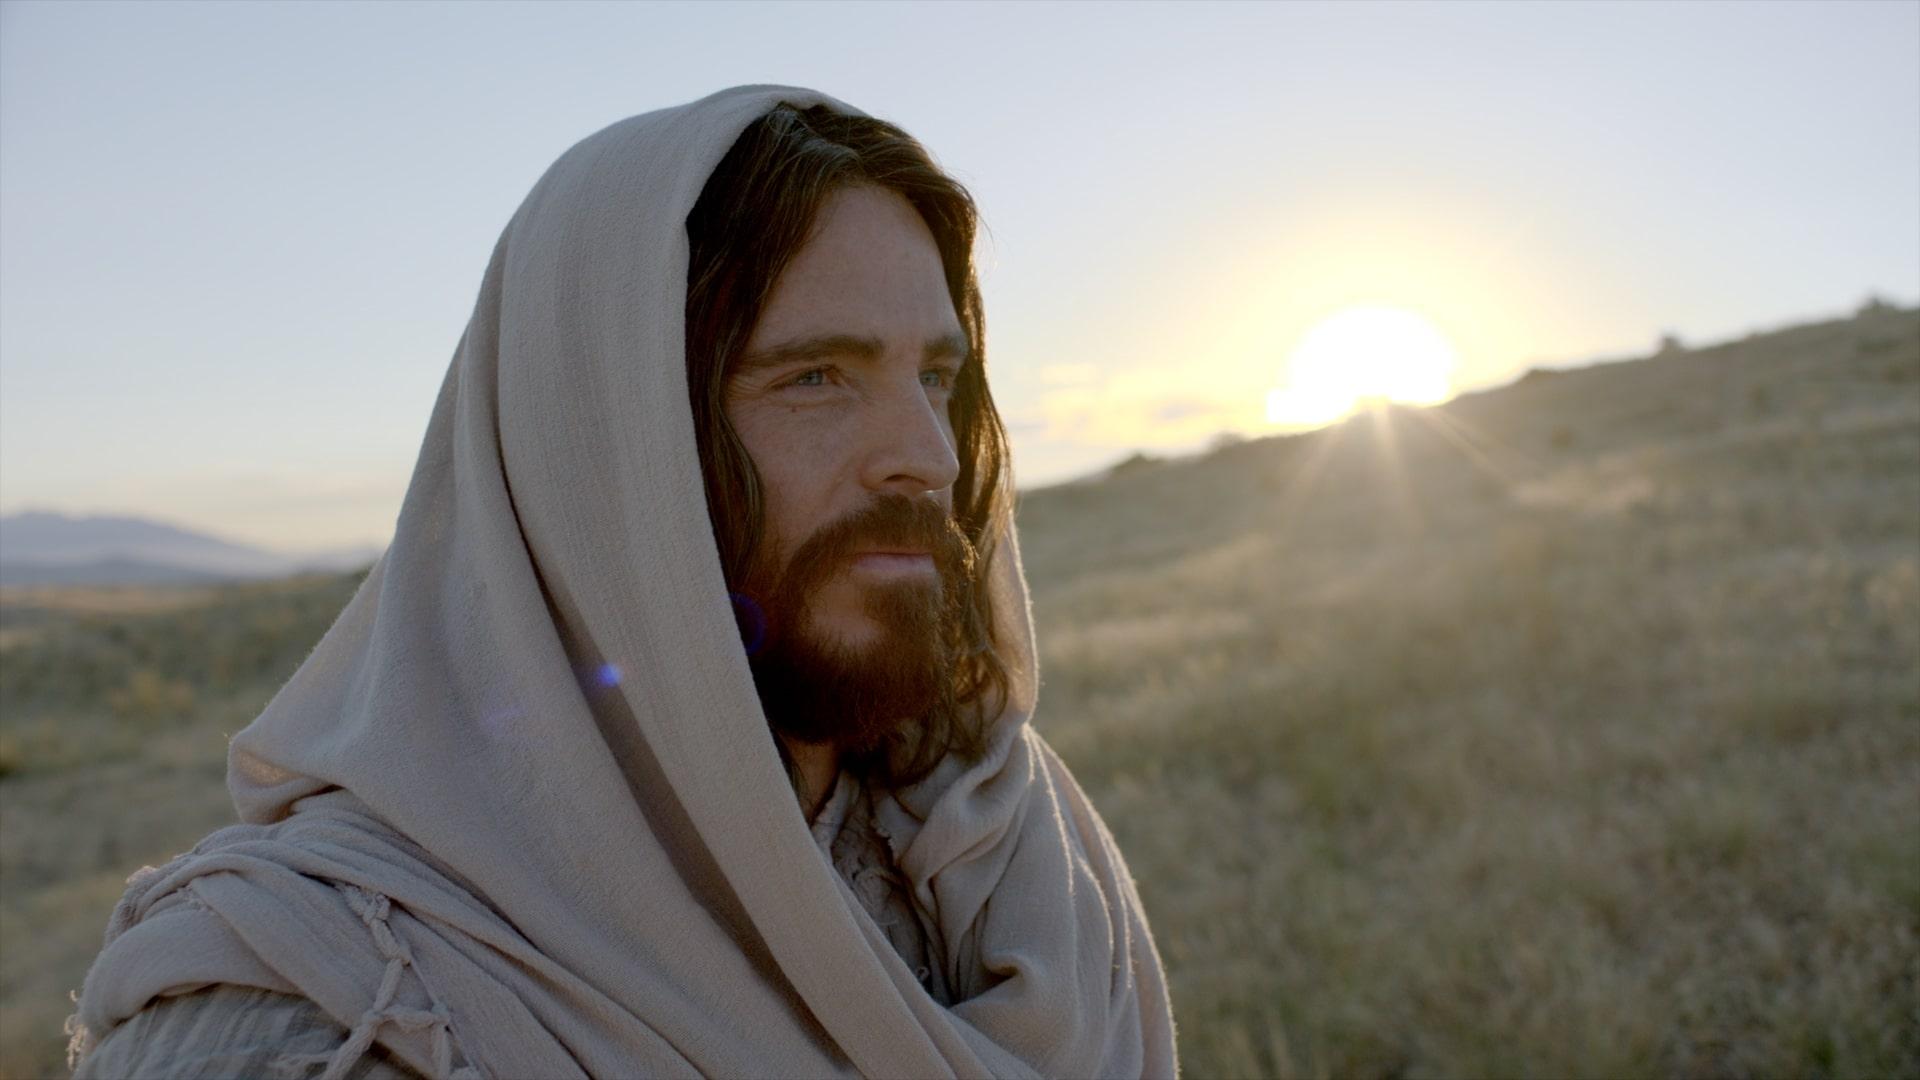 Chúa Giê Su mỉm cười mời gọi tất cả mọi người hãy đến với Ngài